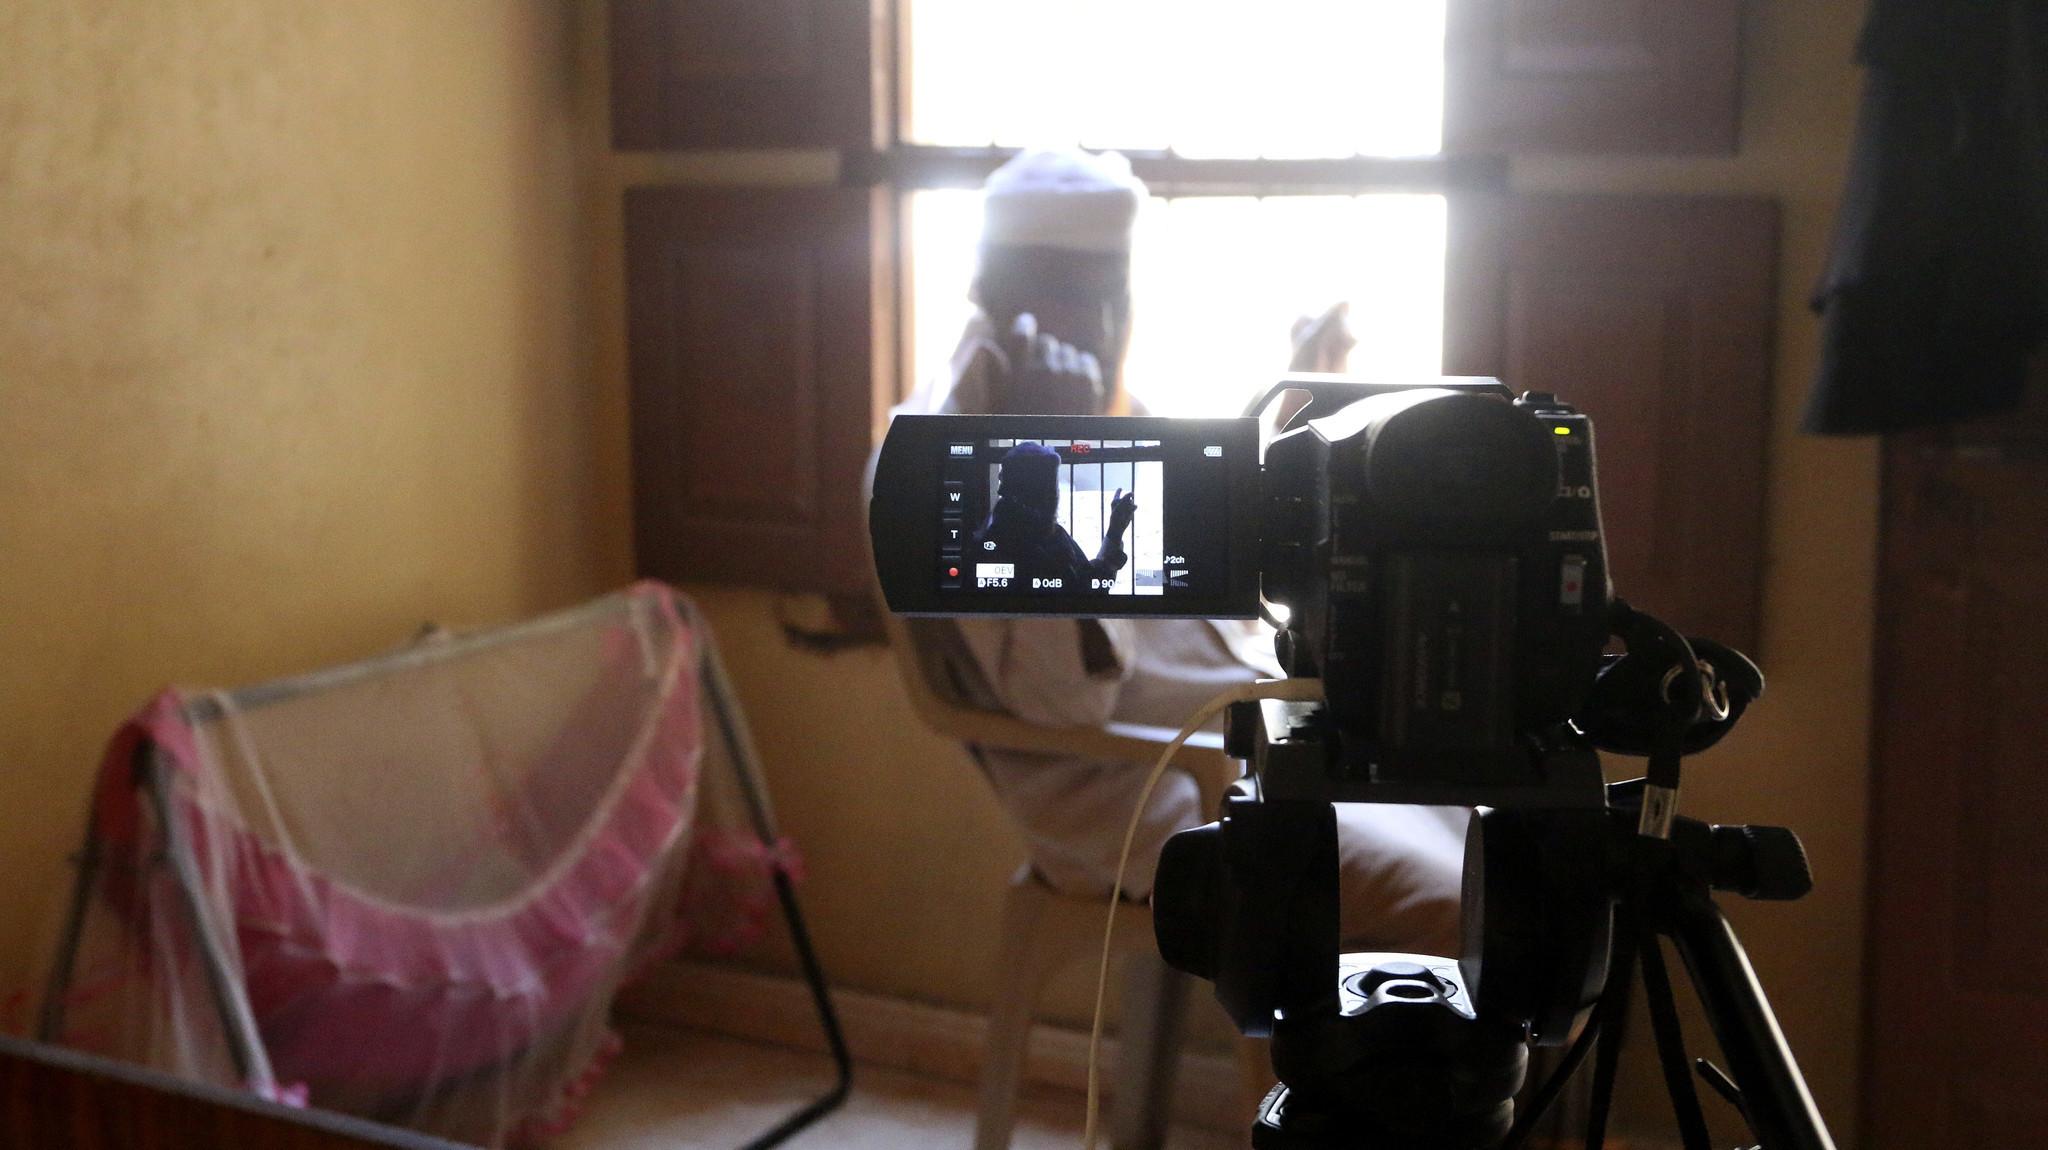 Inside Yemen's secret prisons: 'We could hear the screams'